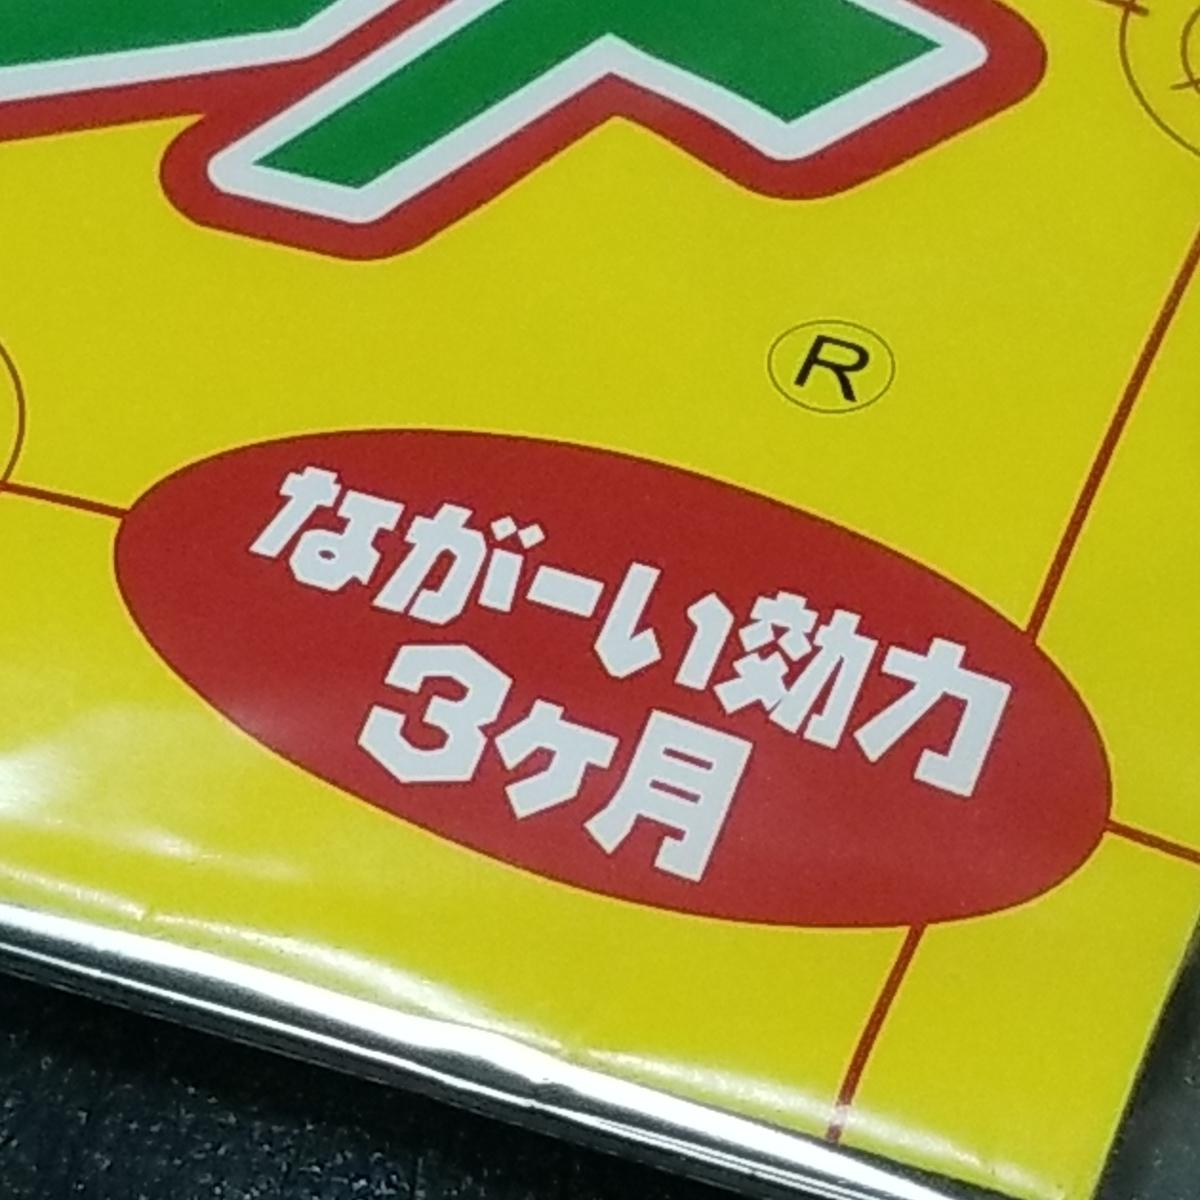 【新品】日革研究所 ニッケン ダニ捕りマット A4サイズ 3枚セット 送料無料!_画像3